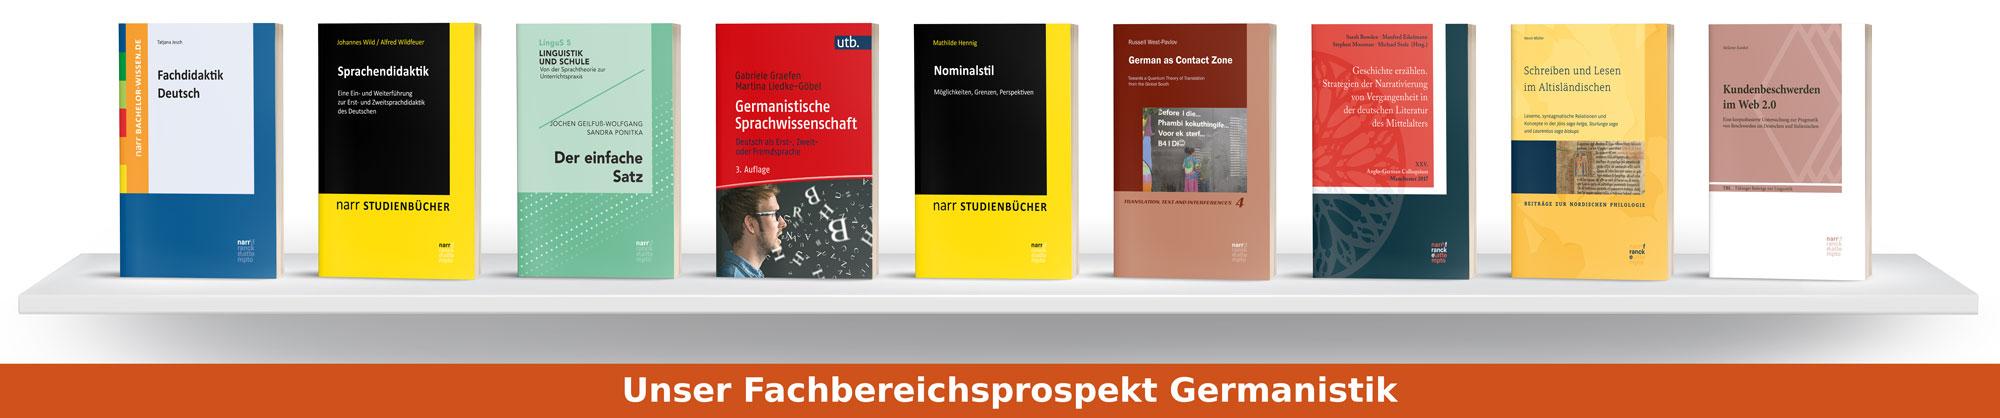 Fachbereichsprospekt Germanistik